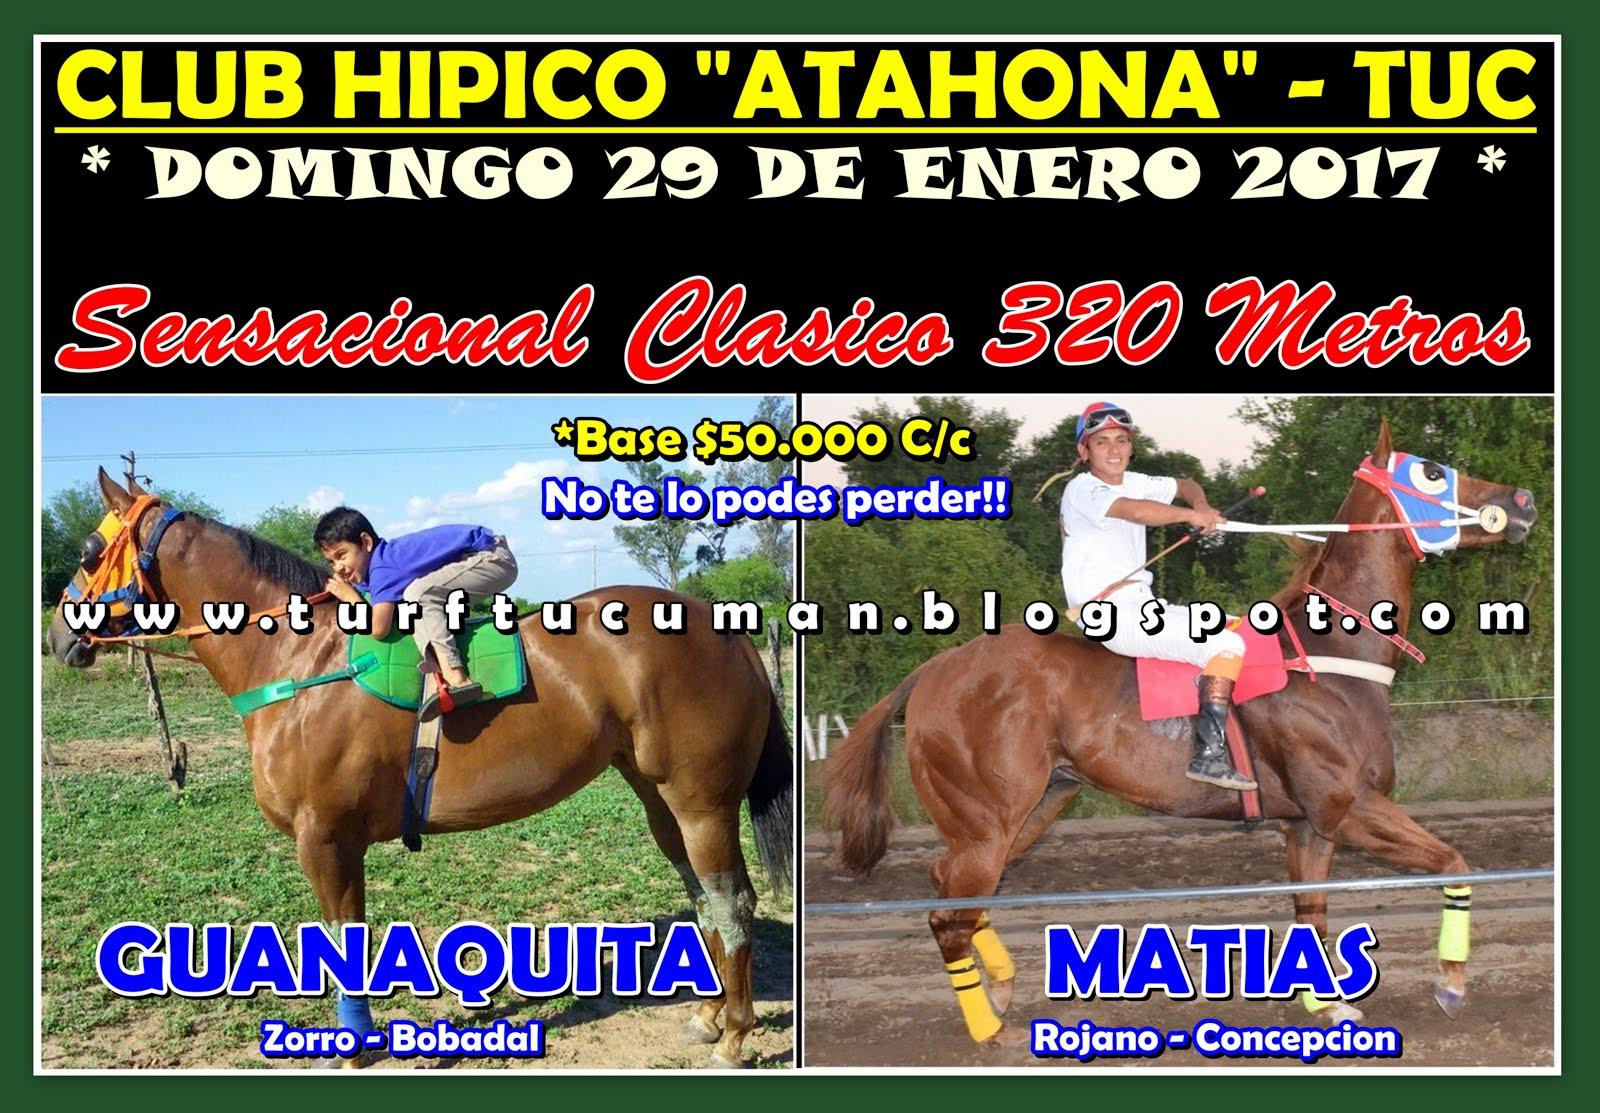 MATIAS VS GUANAQUITA